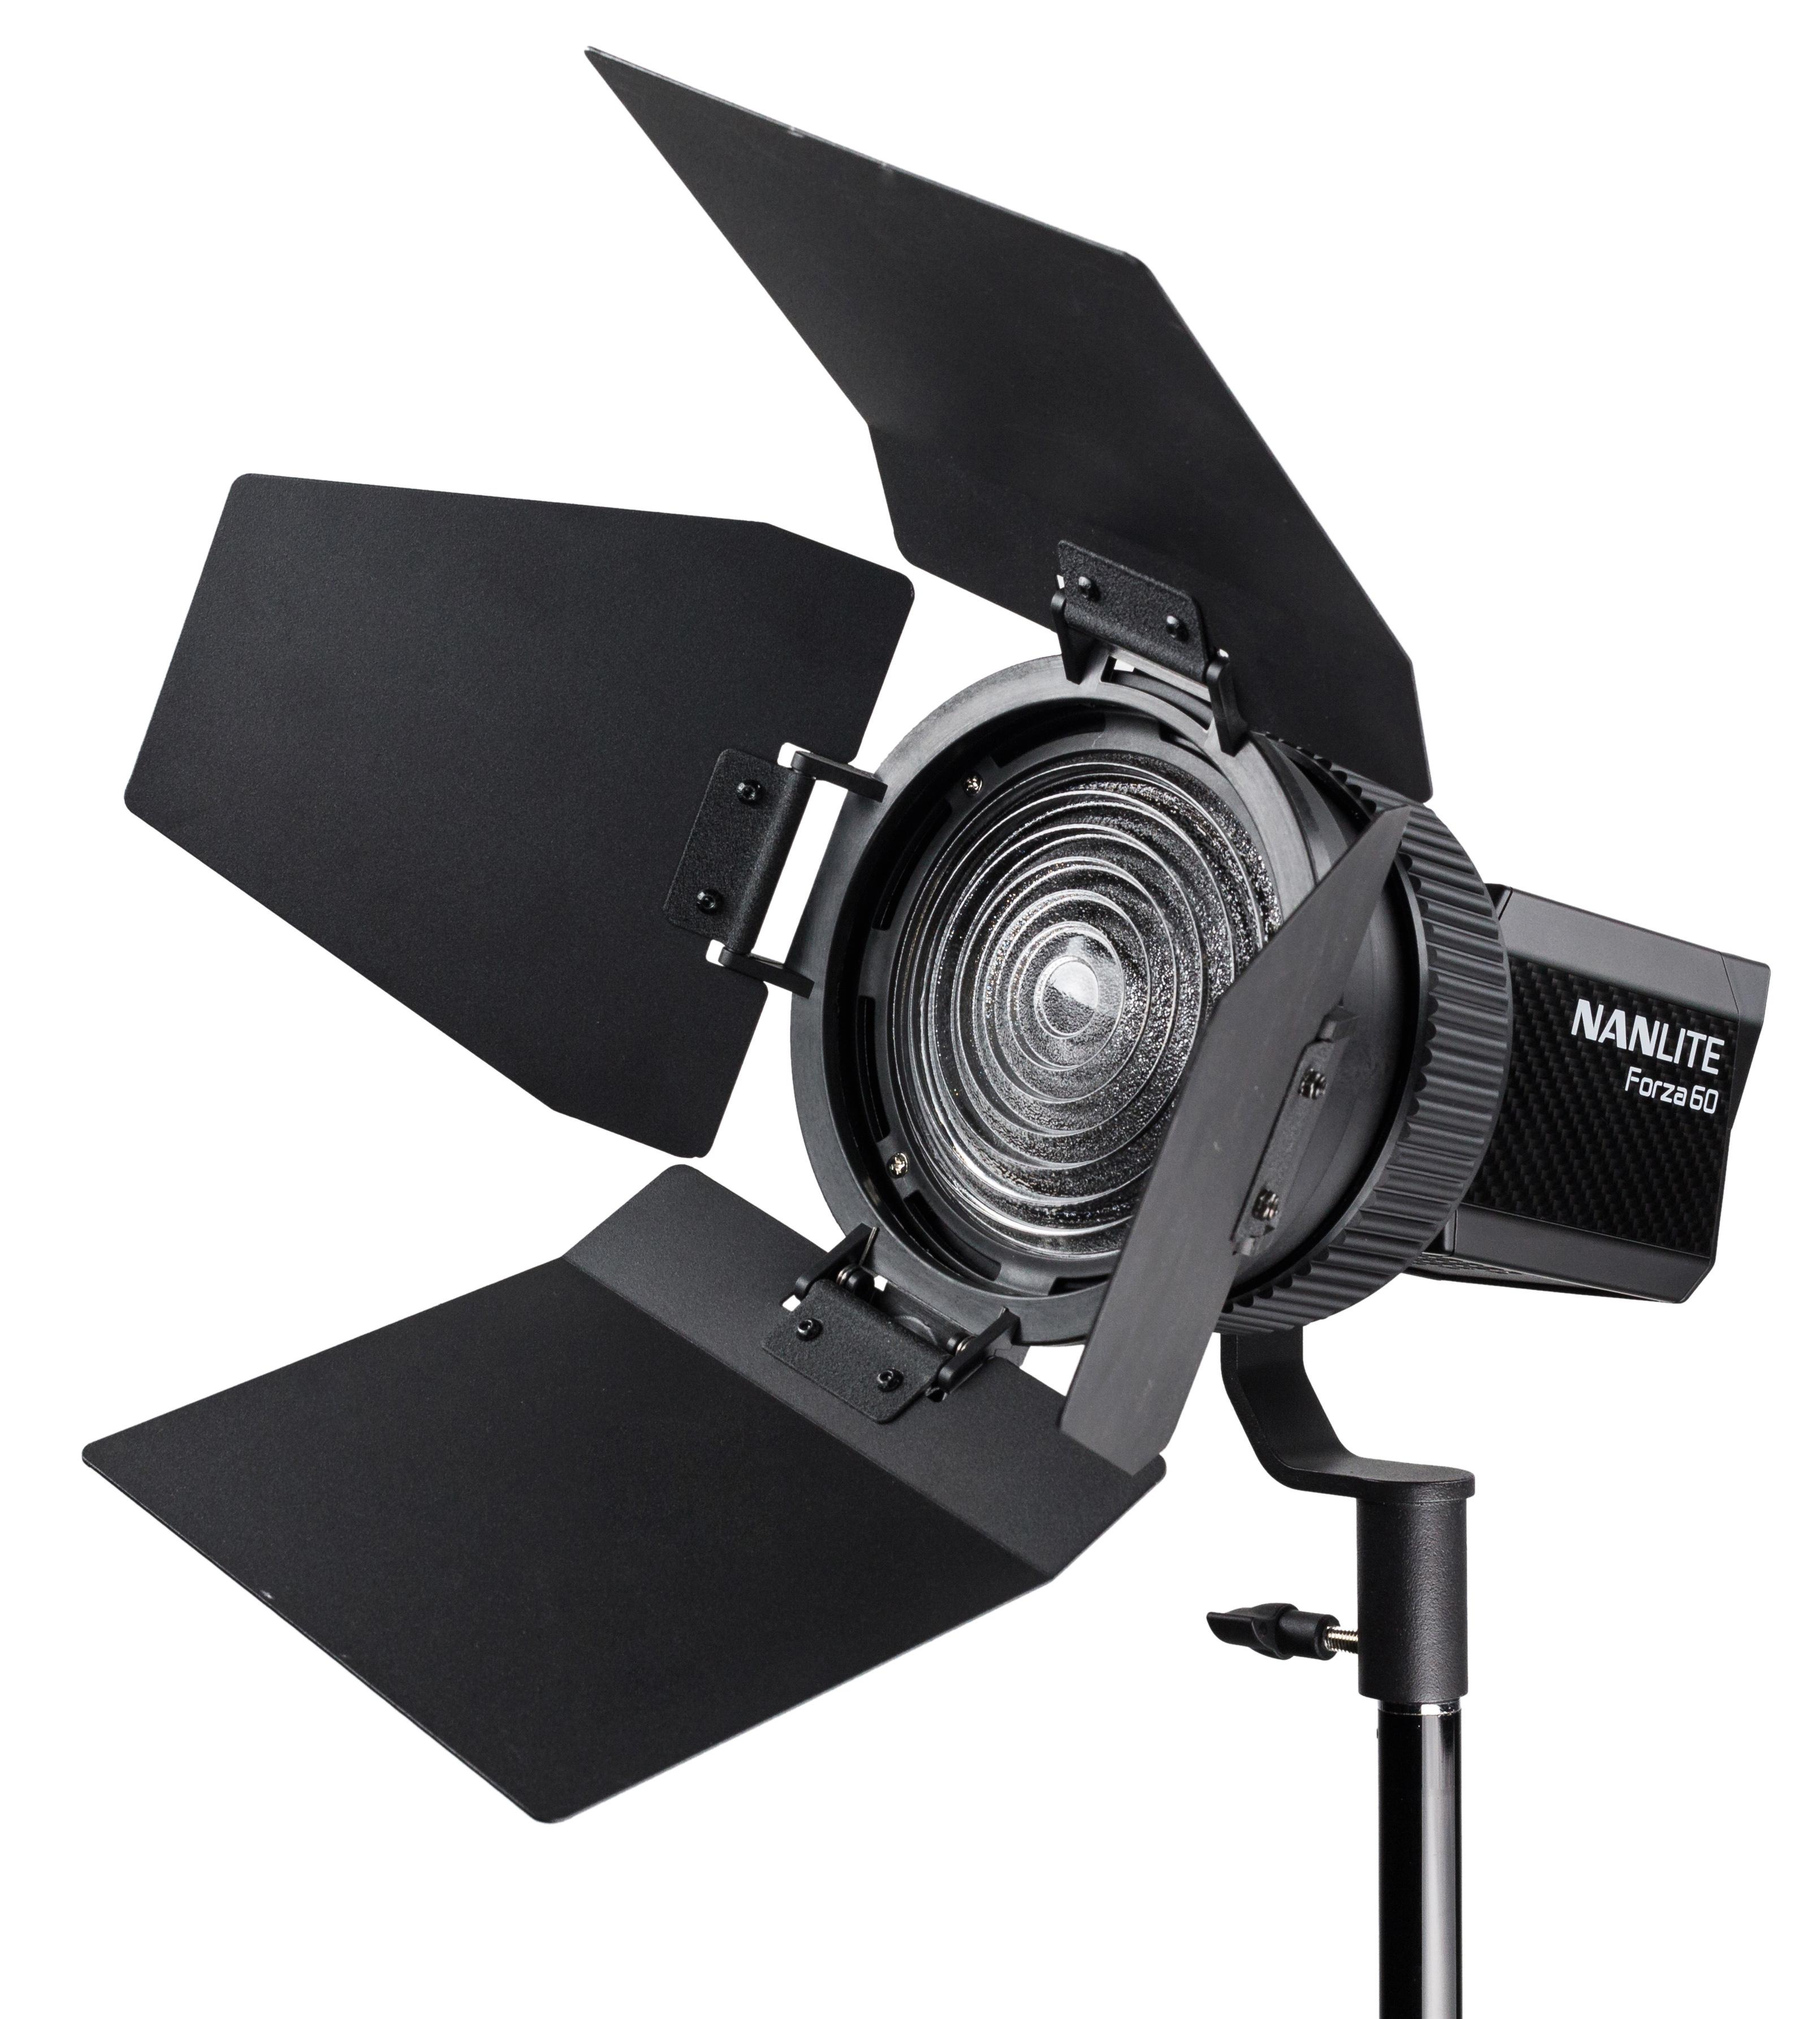 KAISER NANLITE Fokussierbarer Fresnel-Vorsatz 15-45° mit Abschirmklappen